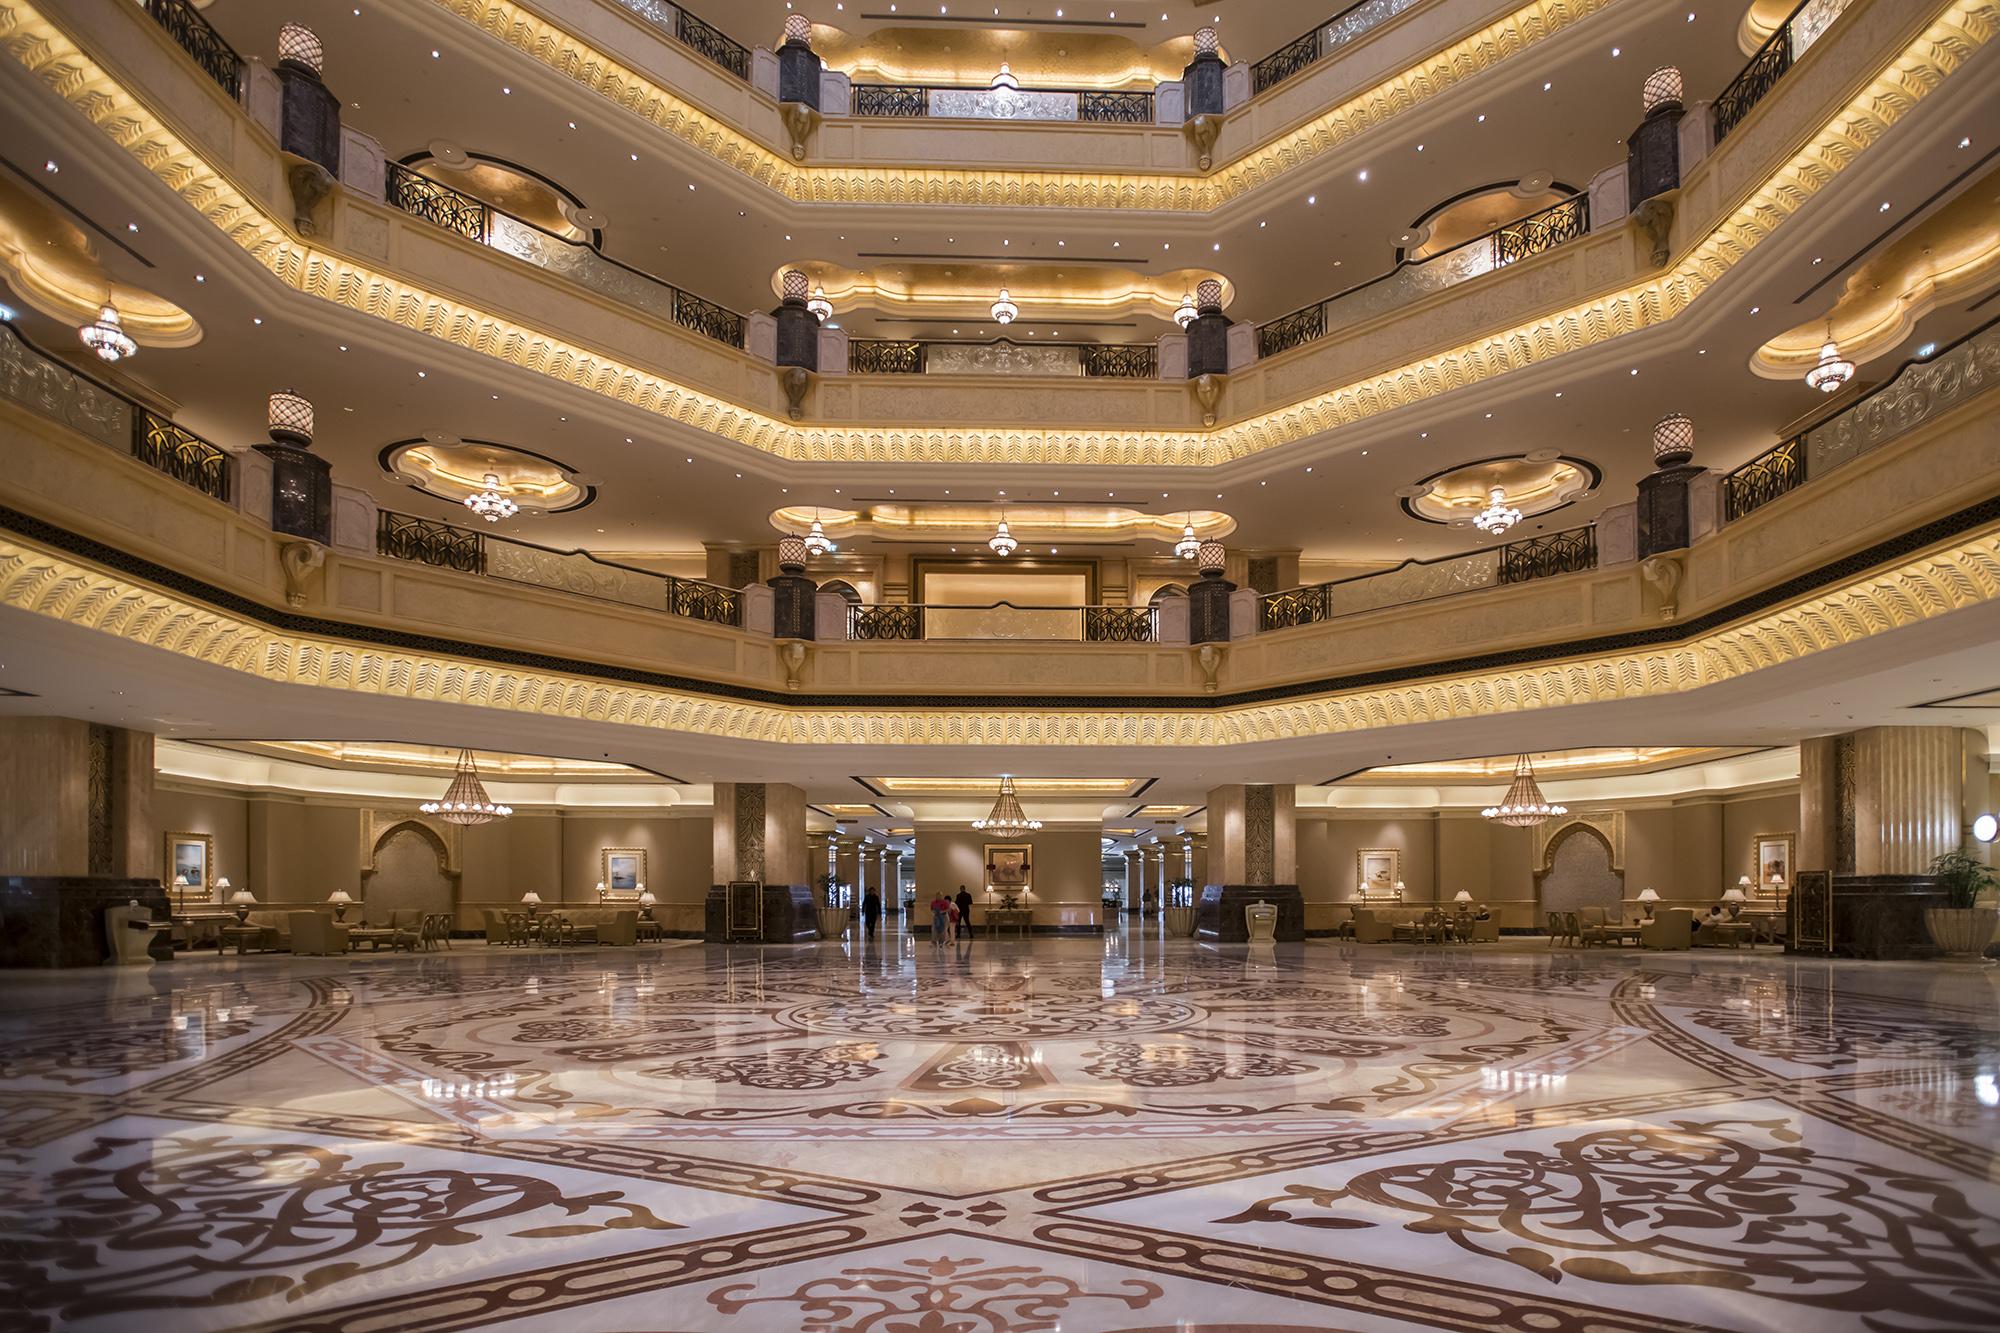 The Emirates Palace Hotel, Abu Dhabi